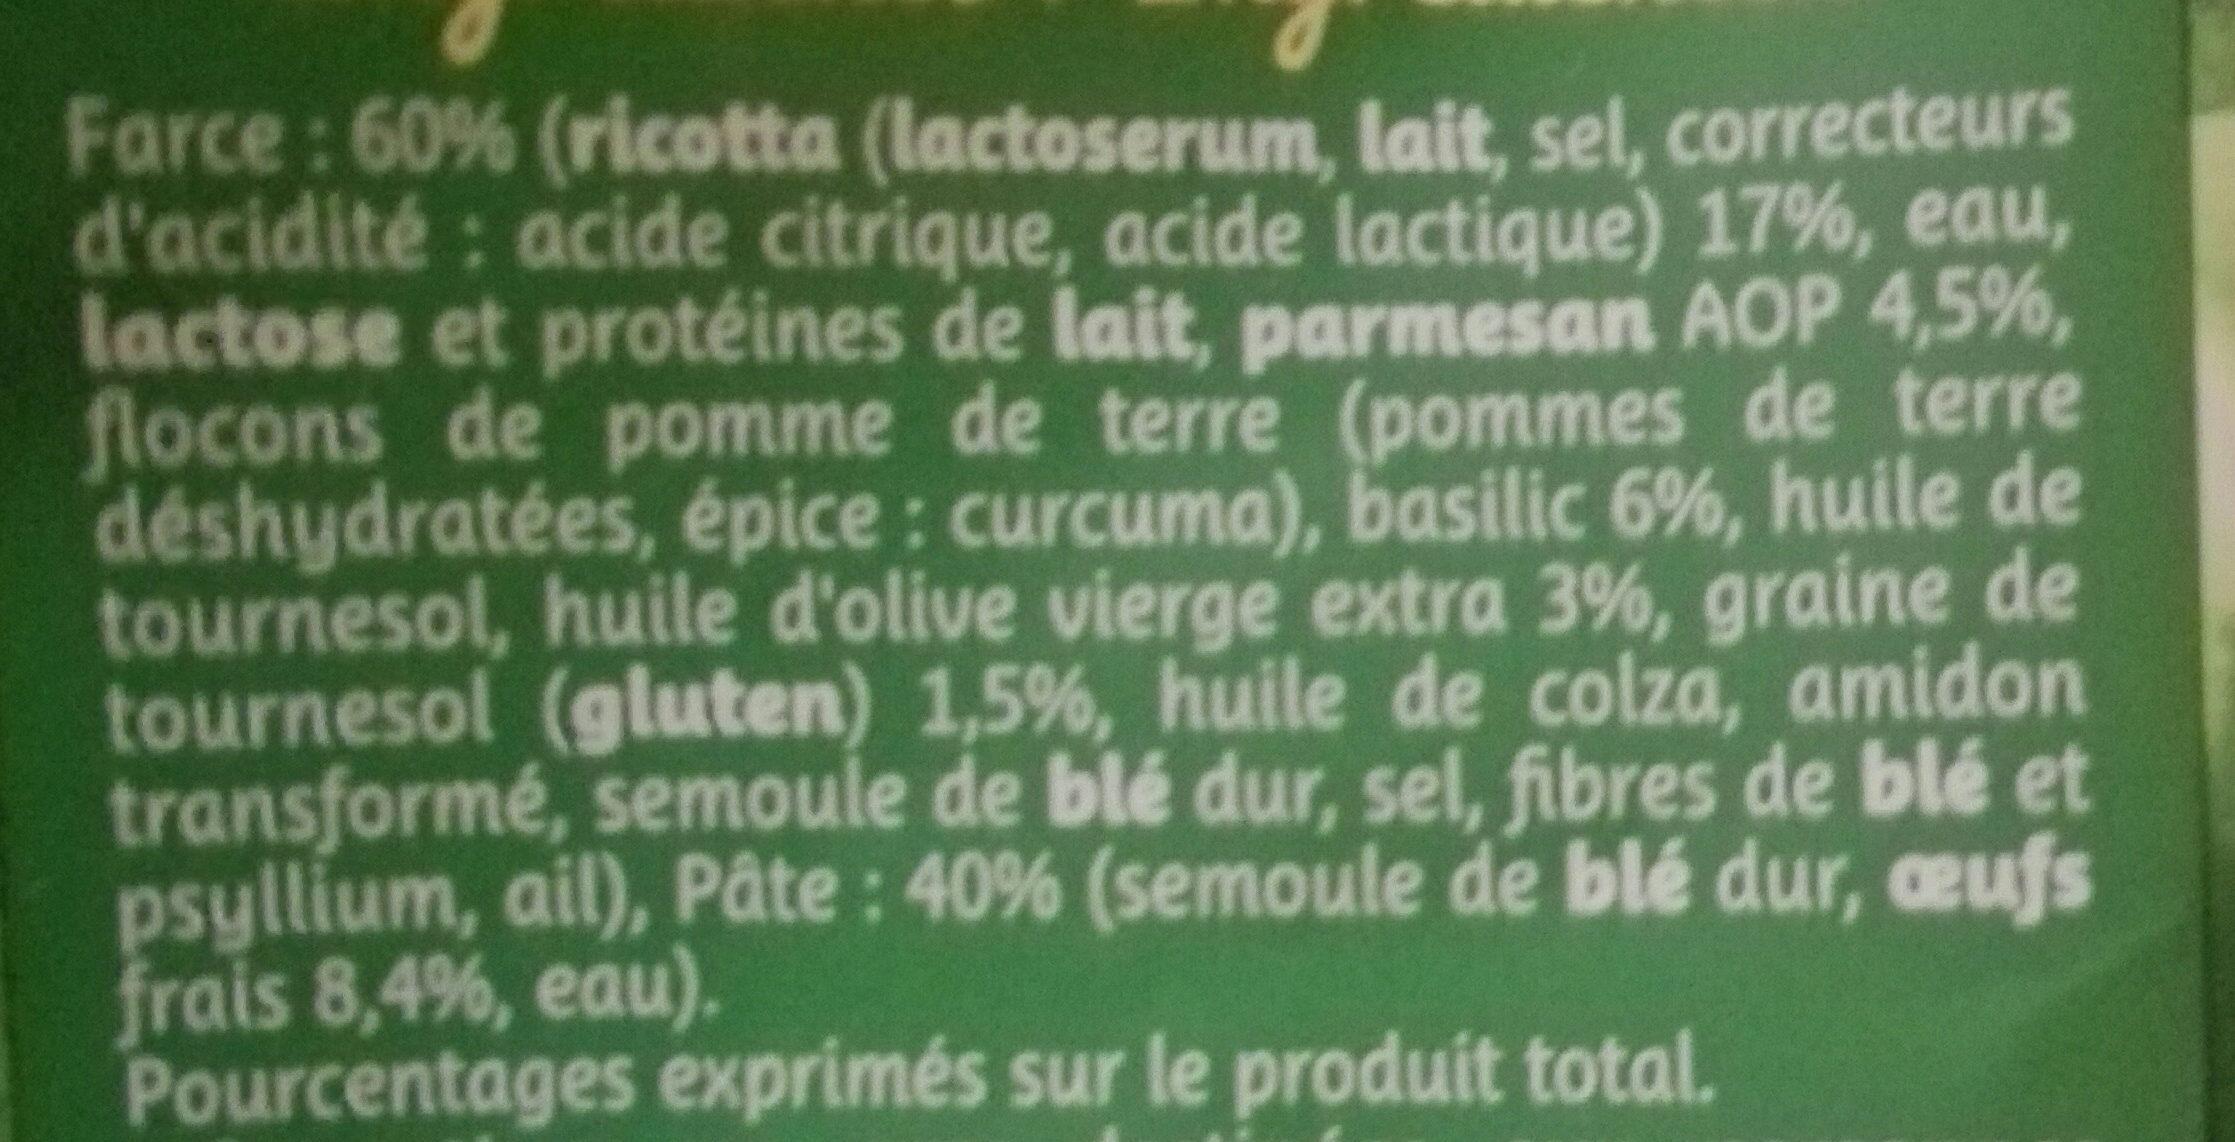 Girasoli pesto parmesan basilic - Ingrédients - fr